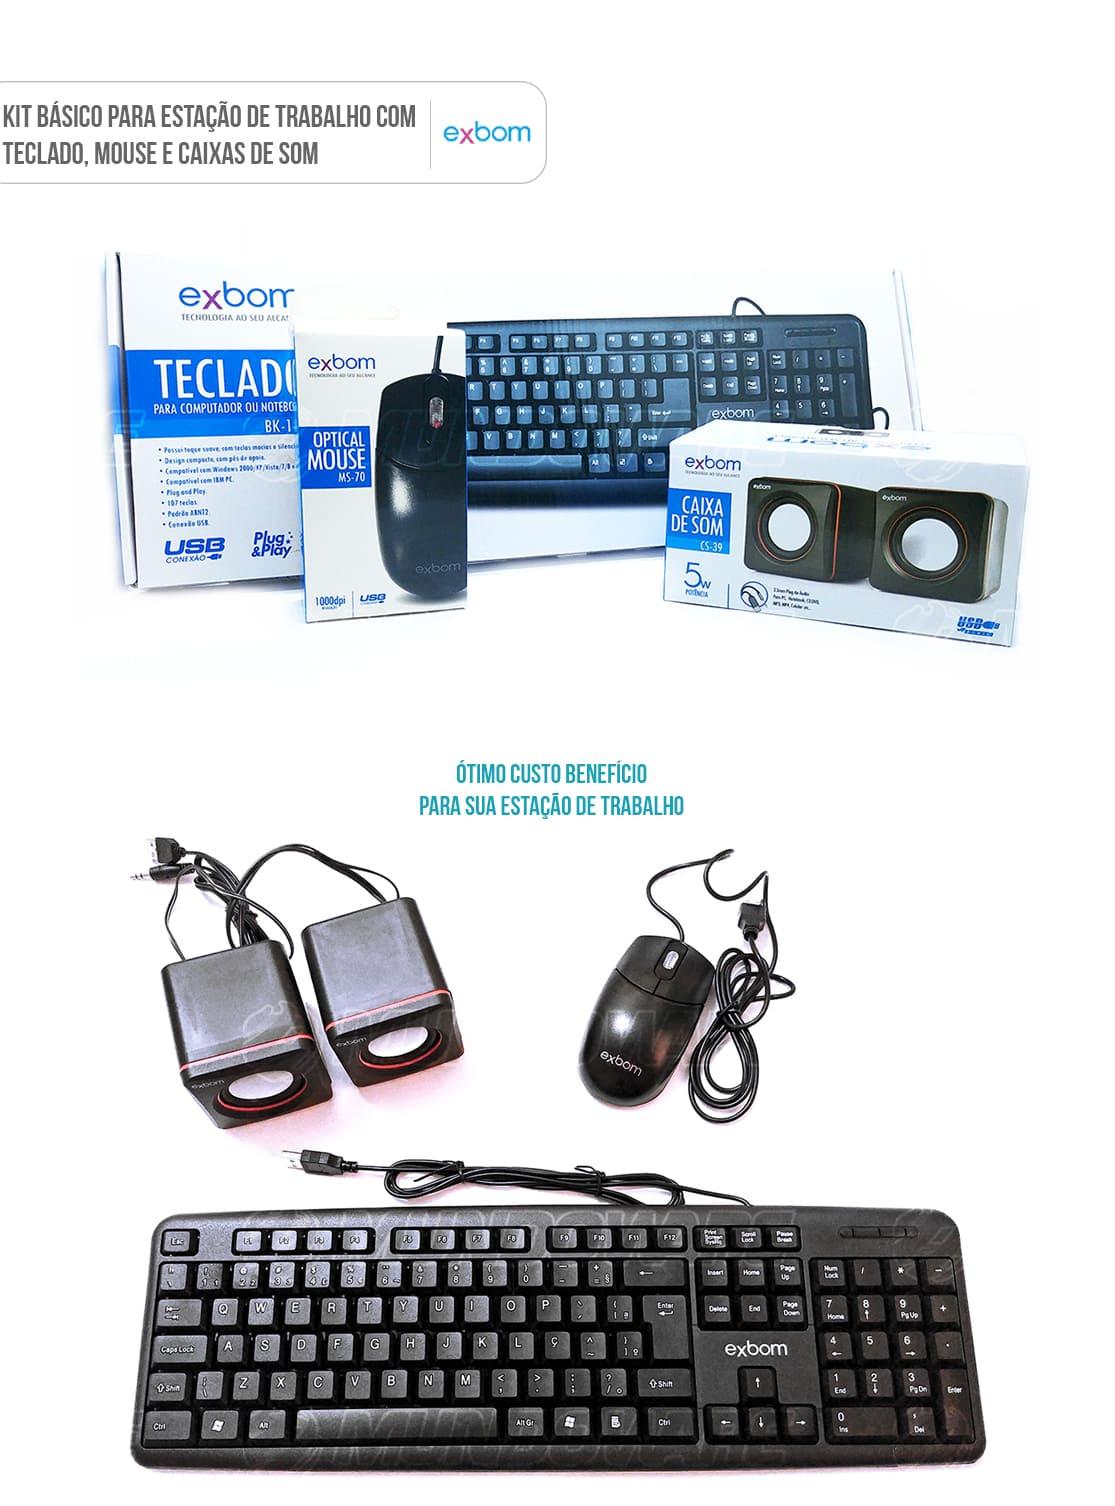 Kit de acessórios para computador básico com teclado mouse e caixas de som pretos